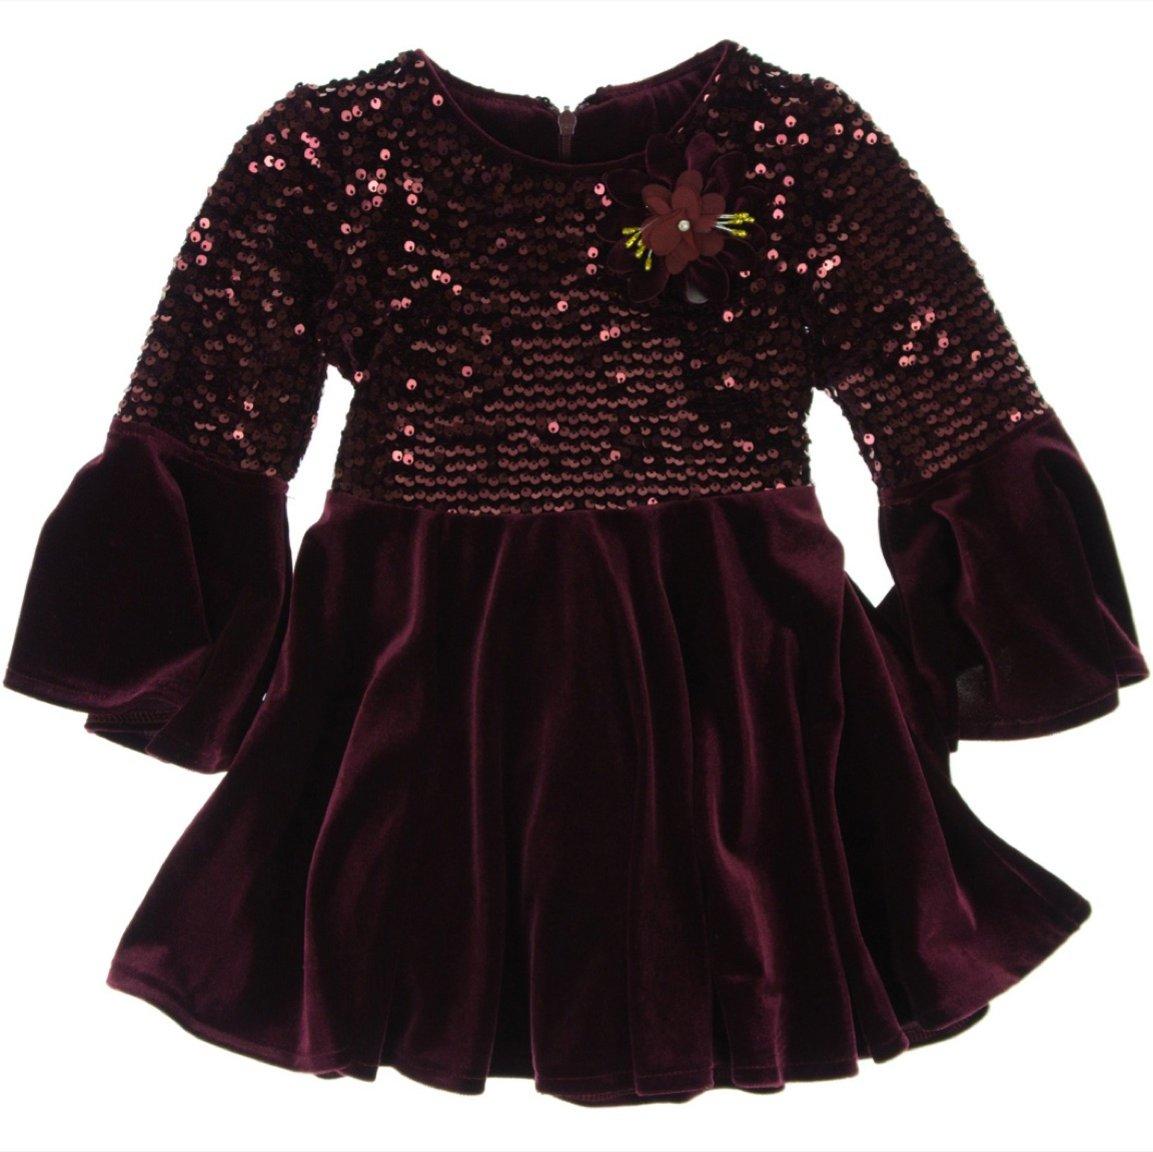 Obella παιδικό αμπιγιέ φόρεμα «Velvet & Ribbon»